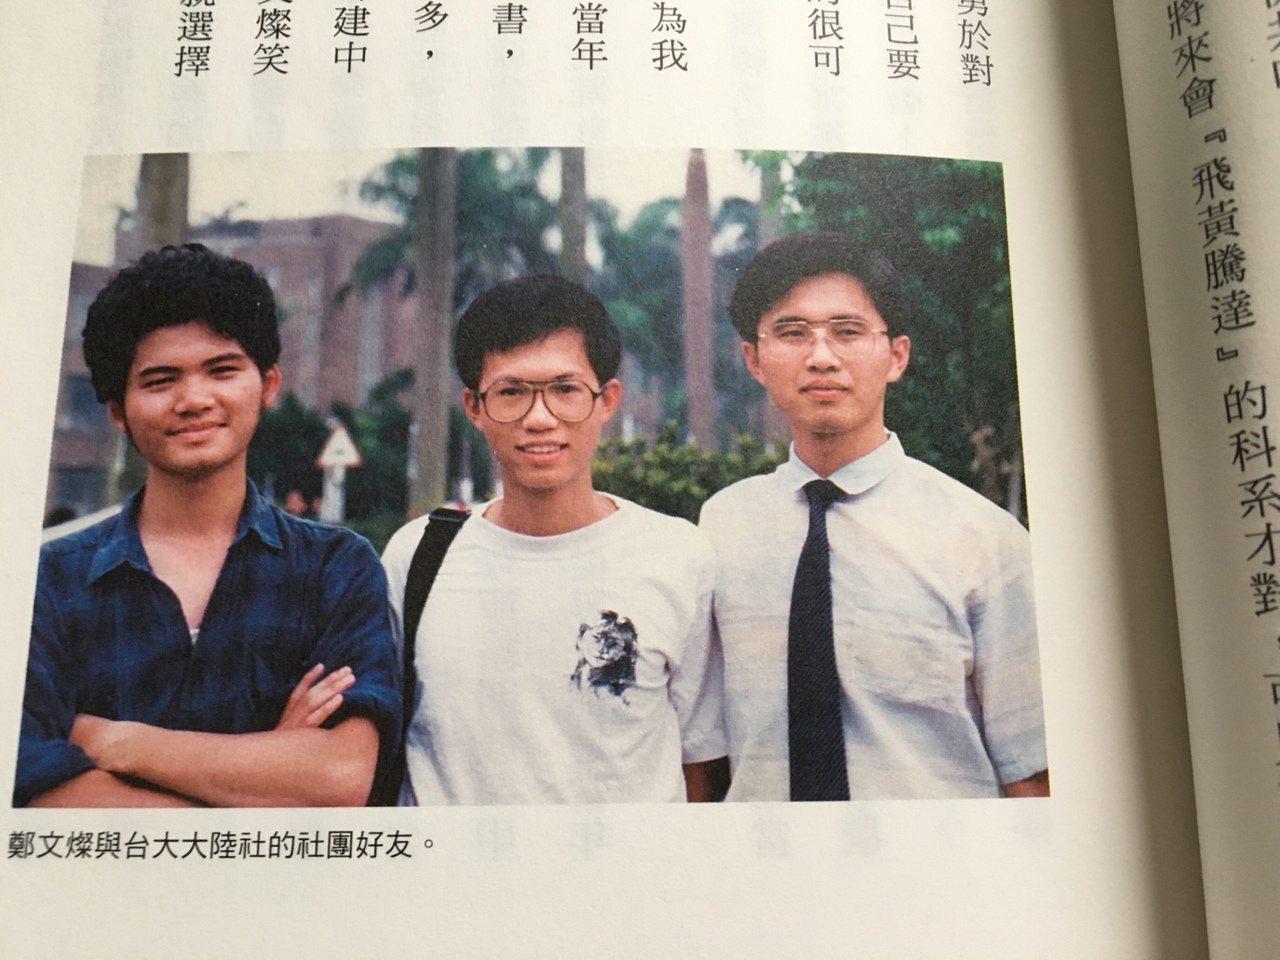 鄭文燦去年發行的「鄭文燦模式」一書,內頁就曾曝光多張當時他大學時代的照片,照片中...